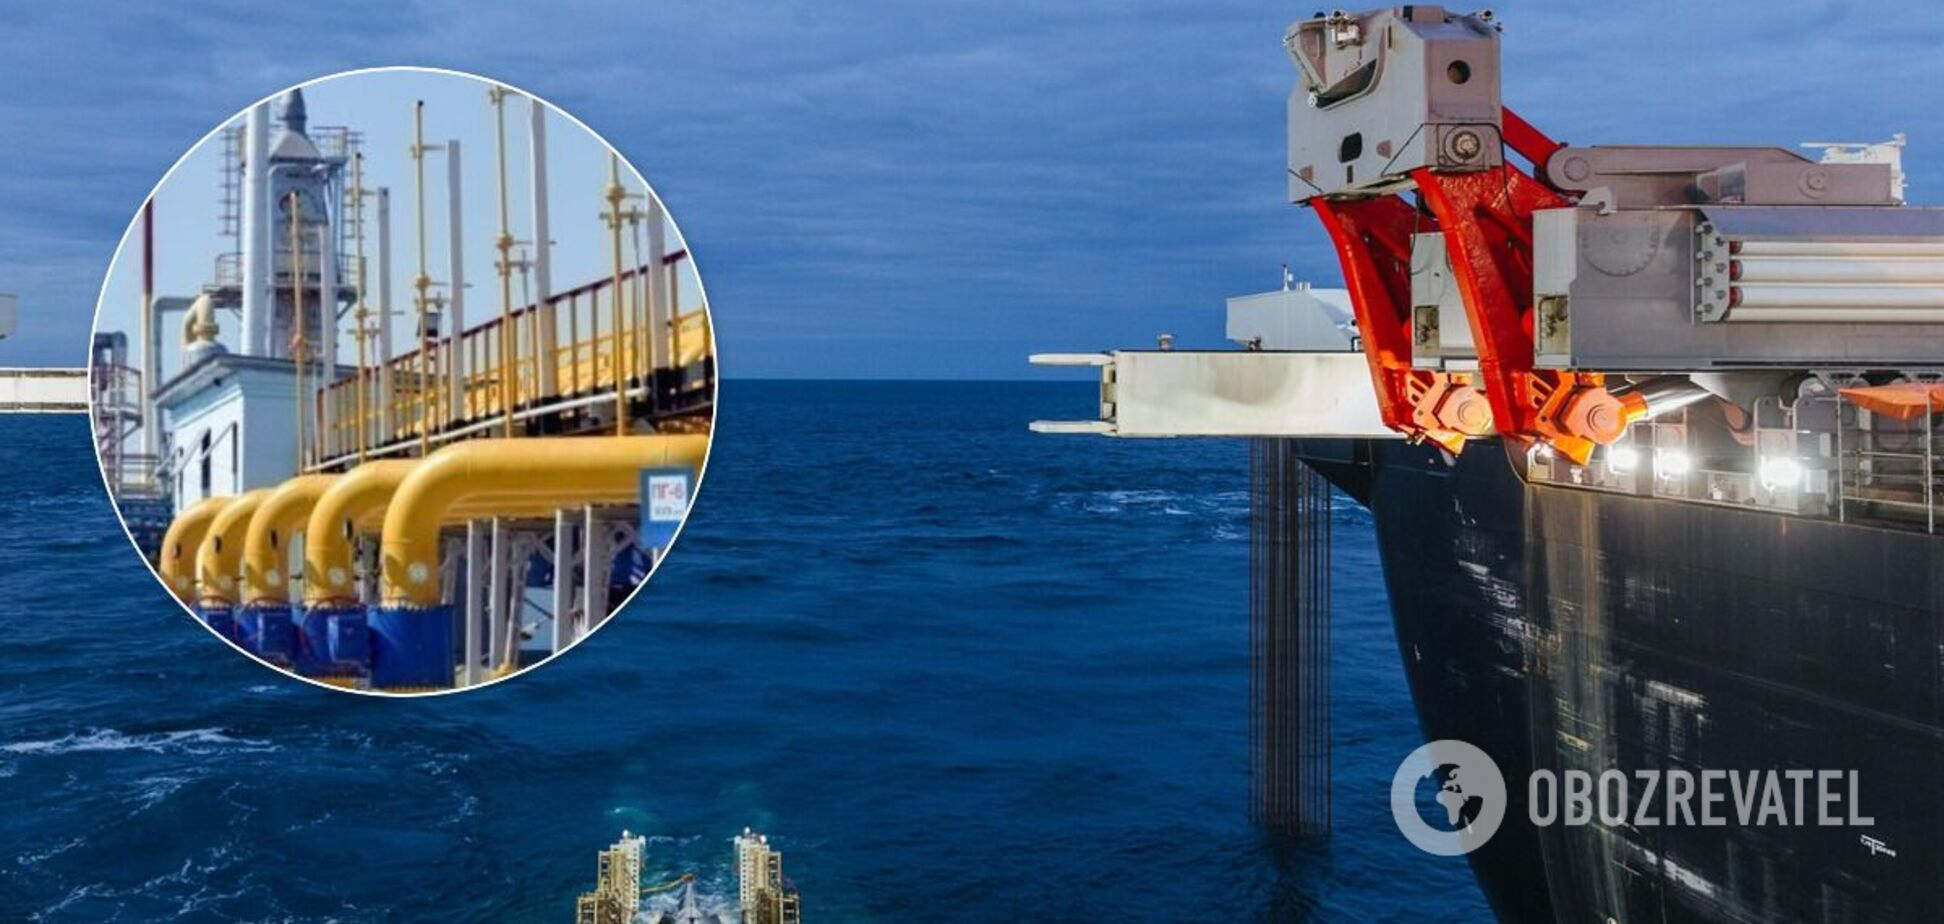 Через загрозу санкцій проєкт 'Північний потік-2' покинули вже більш ніж 15 компаній – Держдеп США